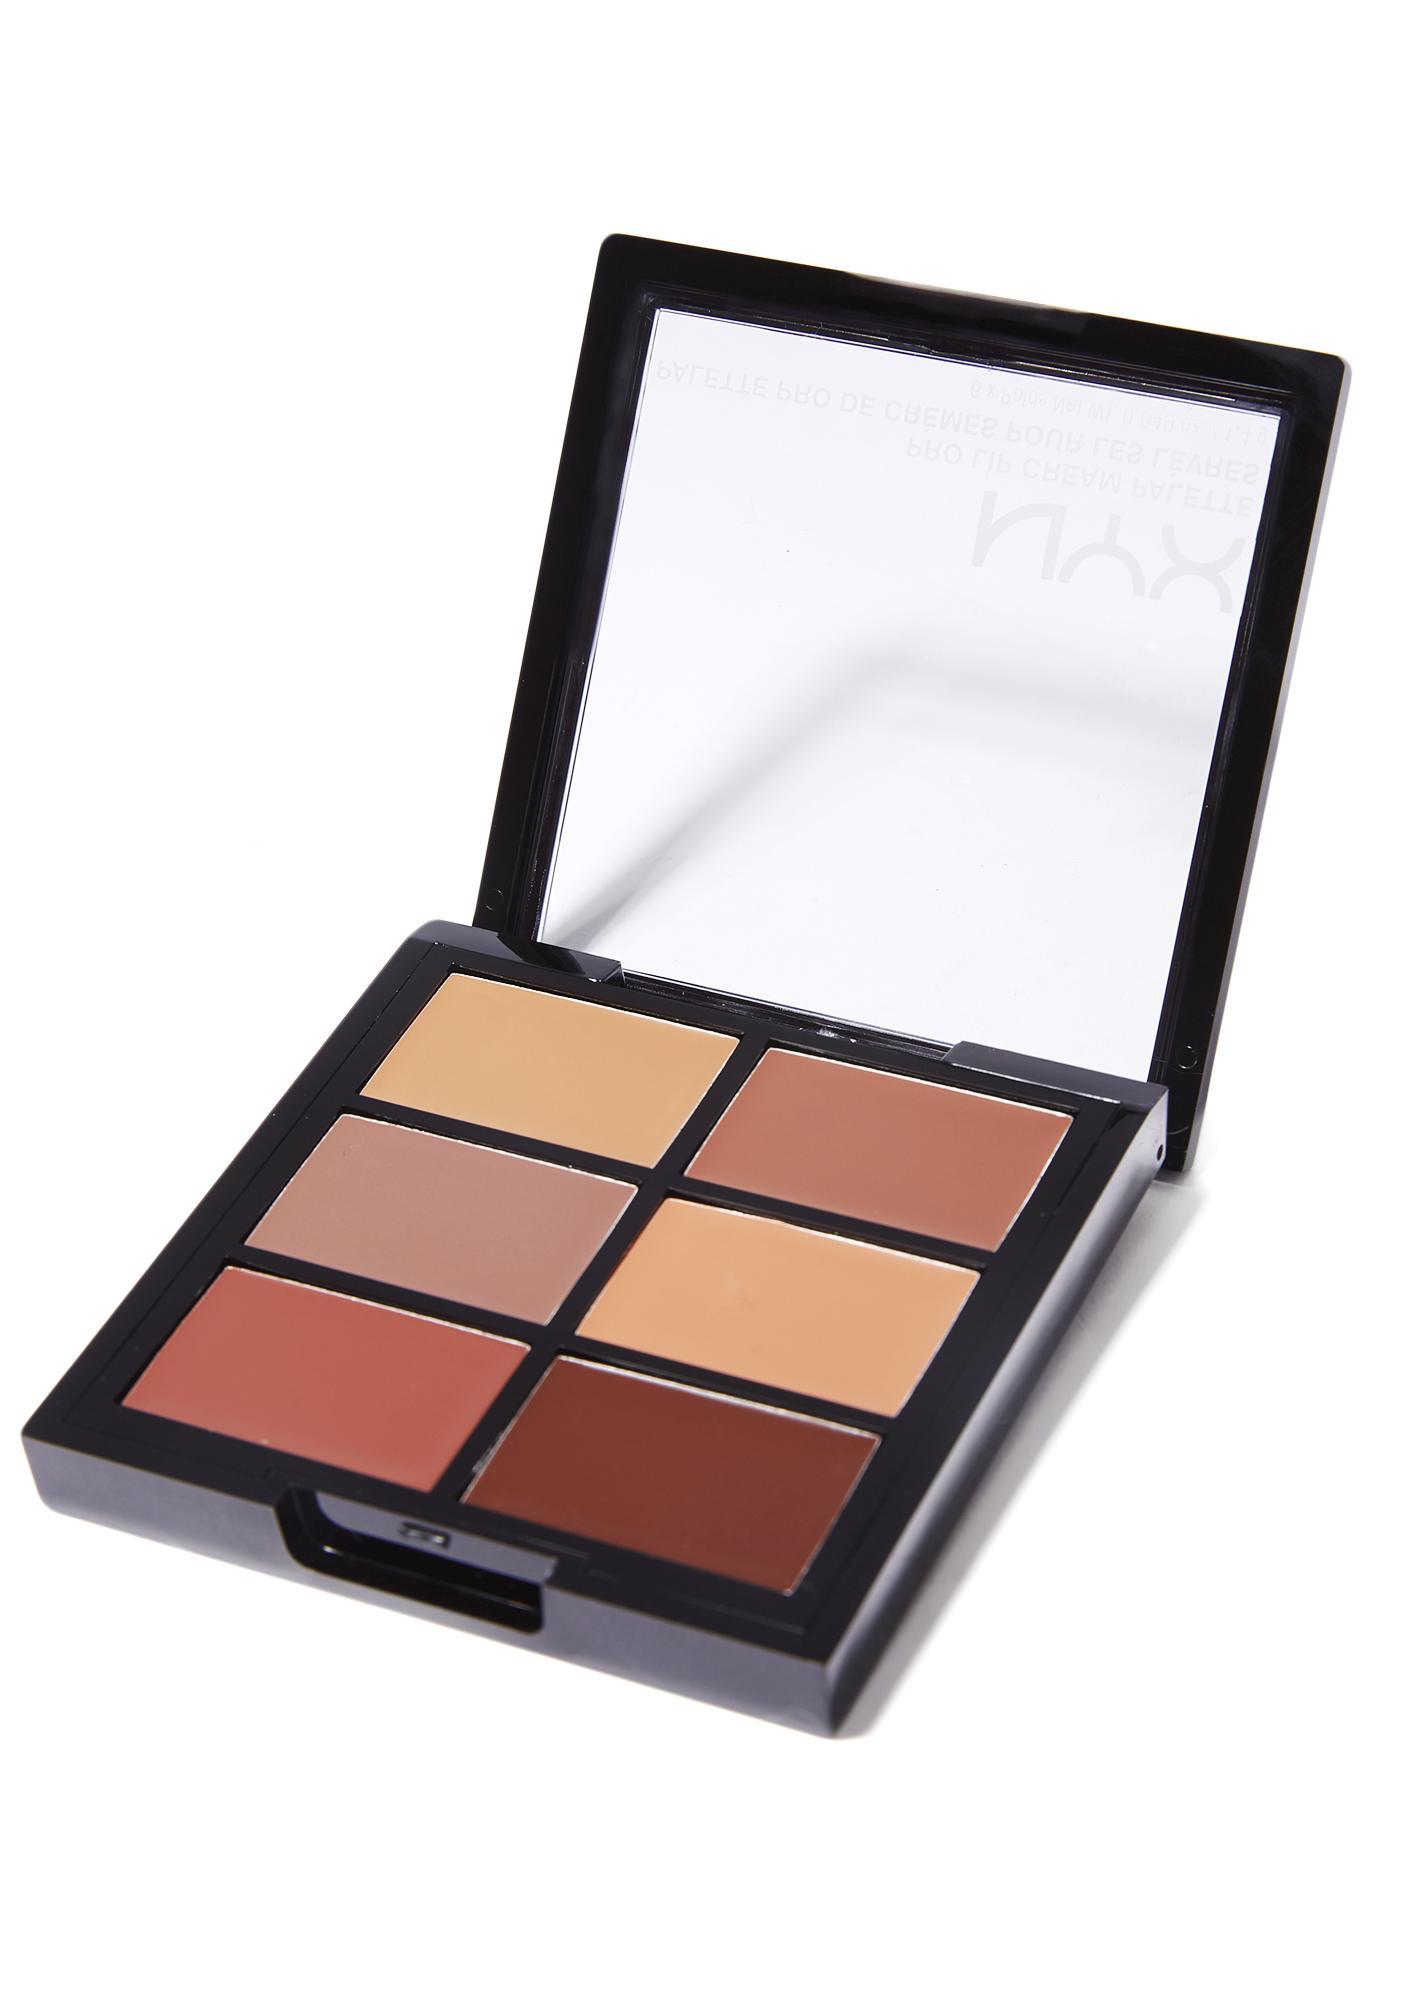 NYX The Nudes Pro Lip Cream Palette